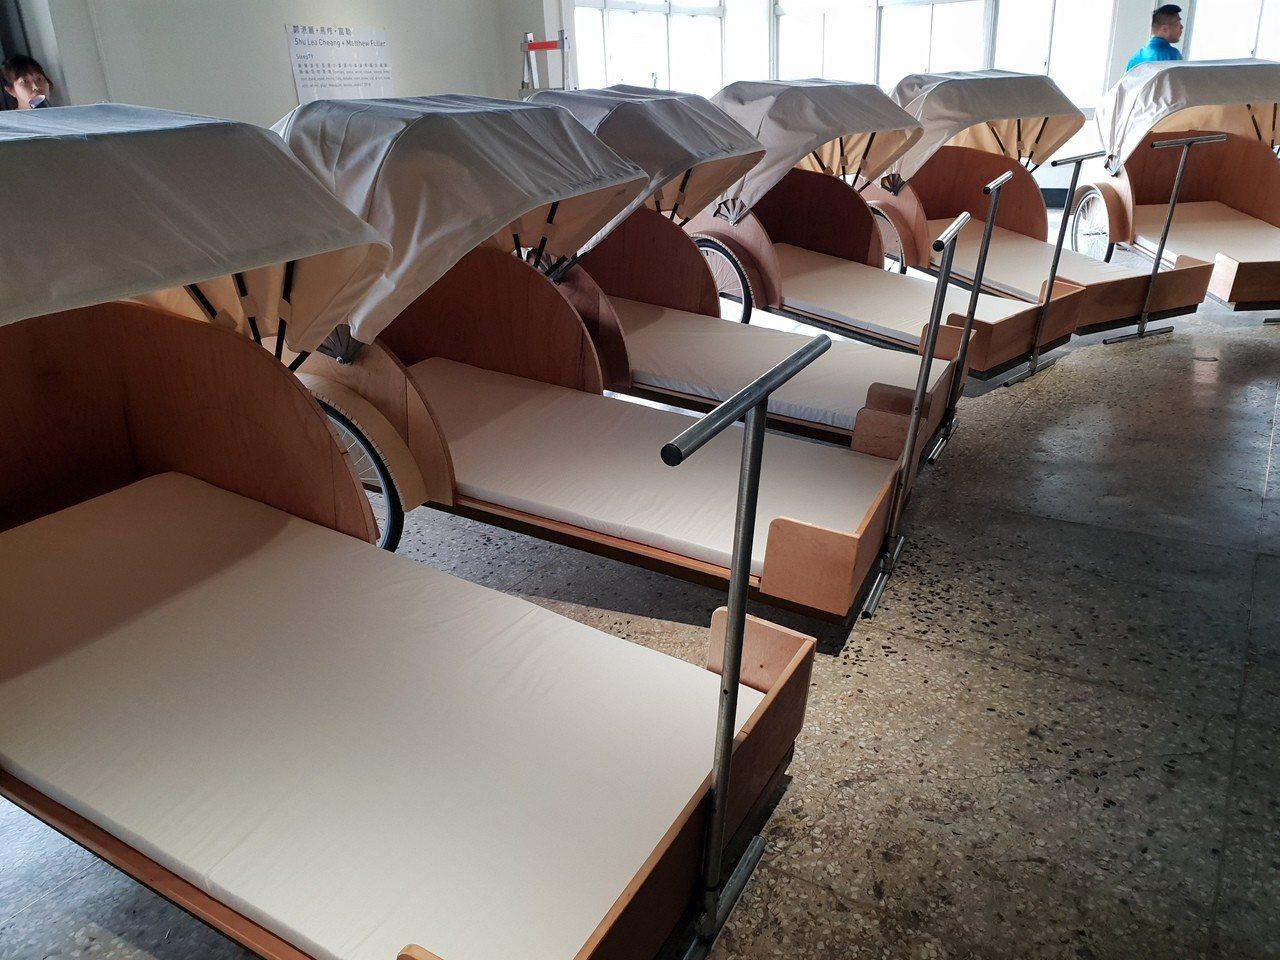 建築師葉熾仁合作,以台灣傳統三輪車為靈感,設計數台可供平躺休息的三輪車,供睡眠參...